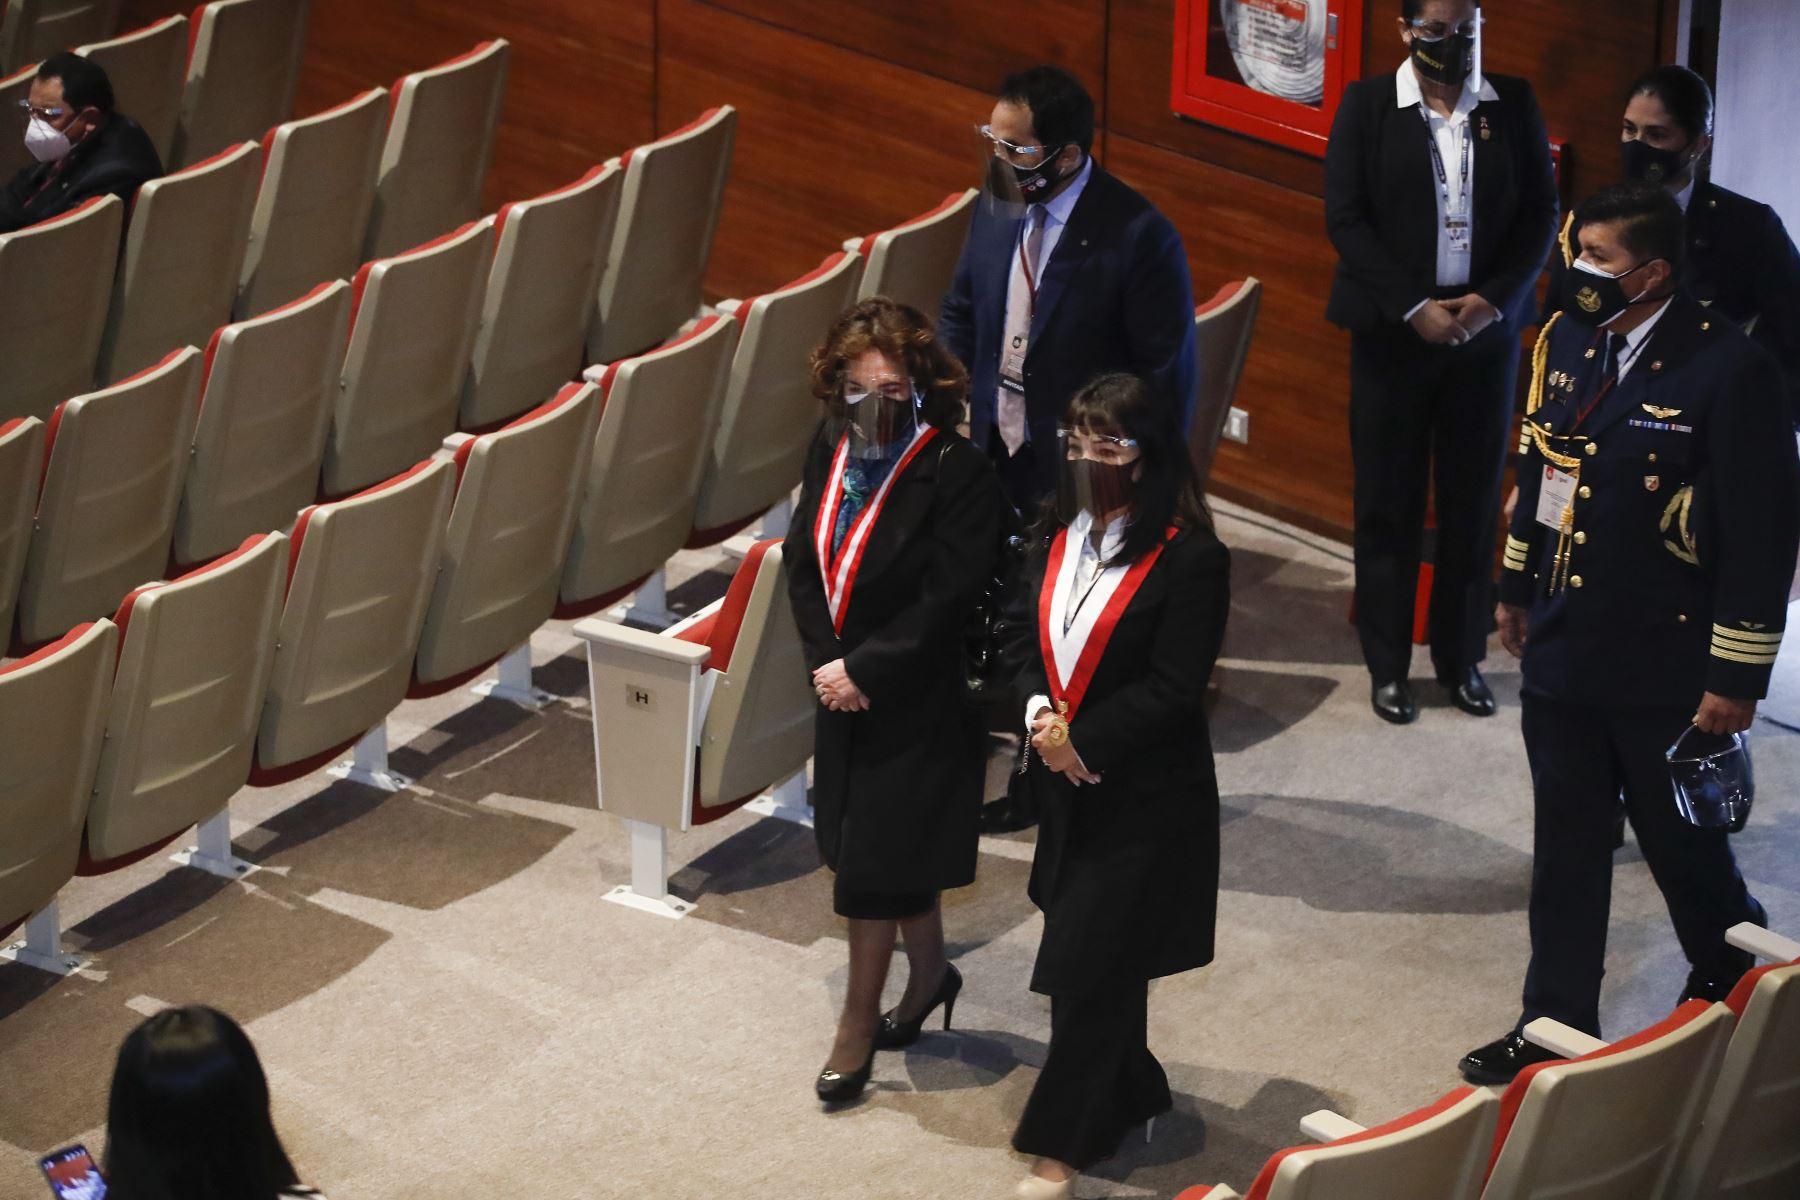 Pedro Castillo recibe credencial como presidente electo de la República del Perú para el periodo 2021-2026. Presidenta del Congreso, Mirtha Vásquez, junto a la presidenta del Poder Judicial, Elvia Barrios, participan en la ceremonia. Foto: ANDINA/Juan Carlos Guzmán